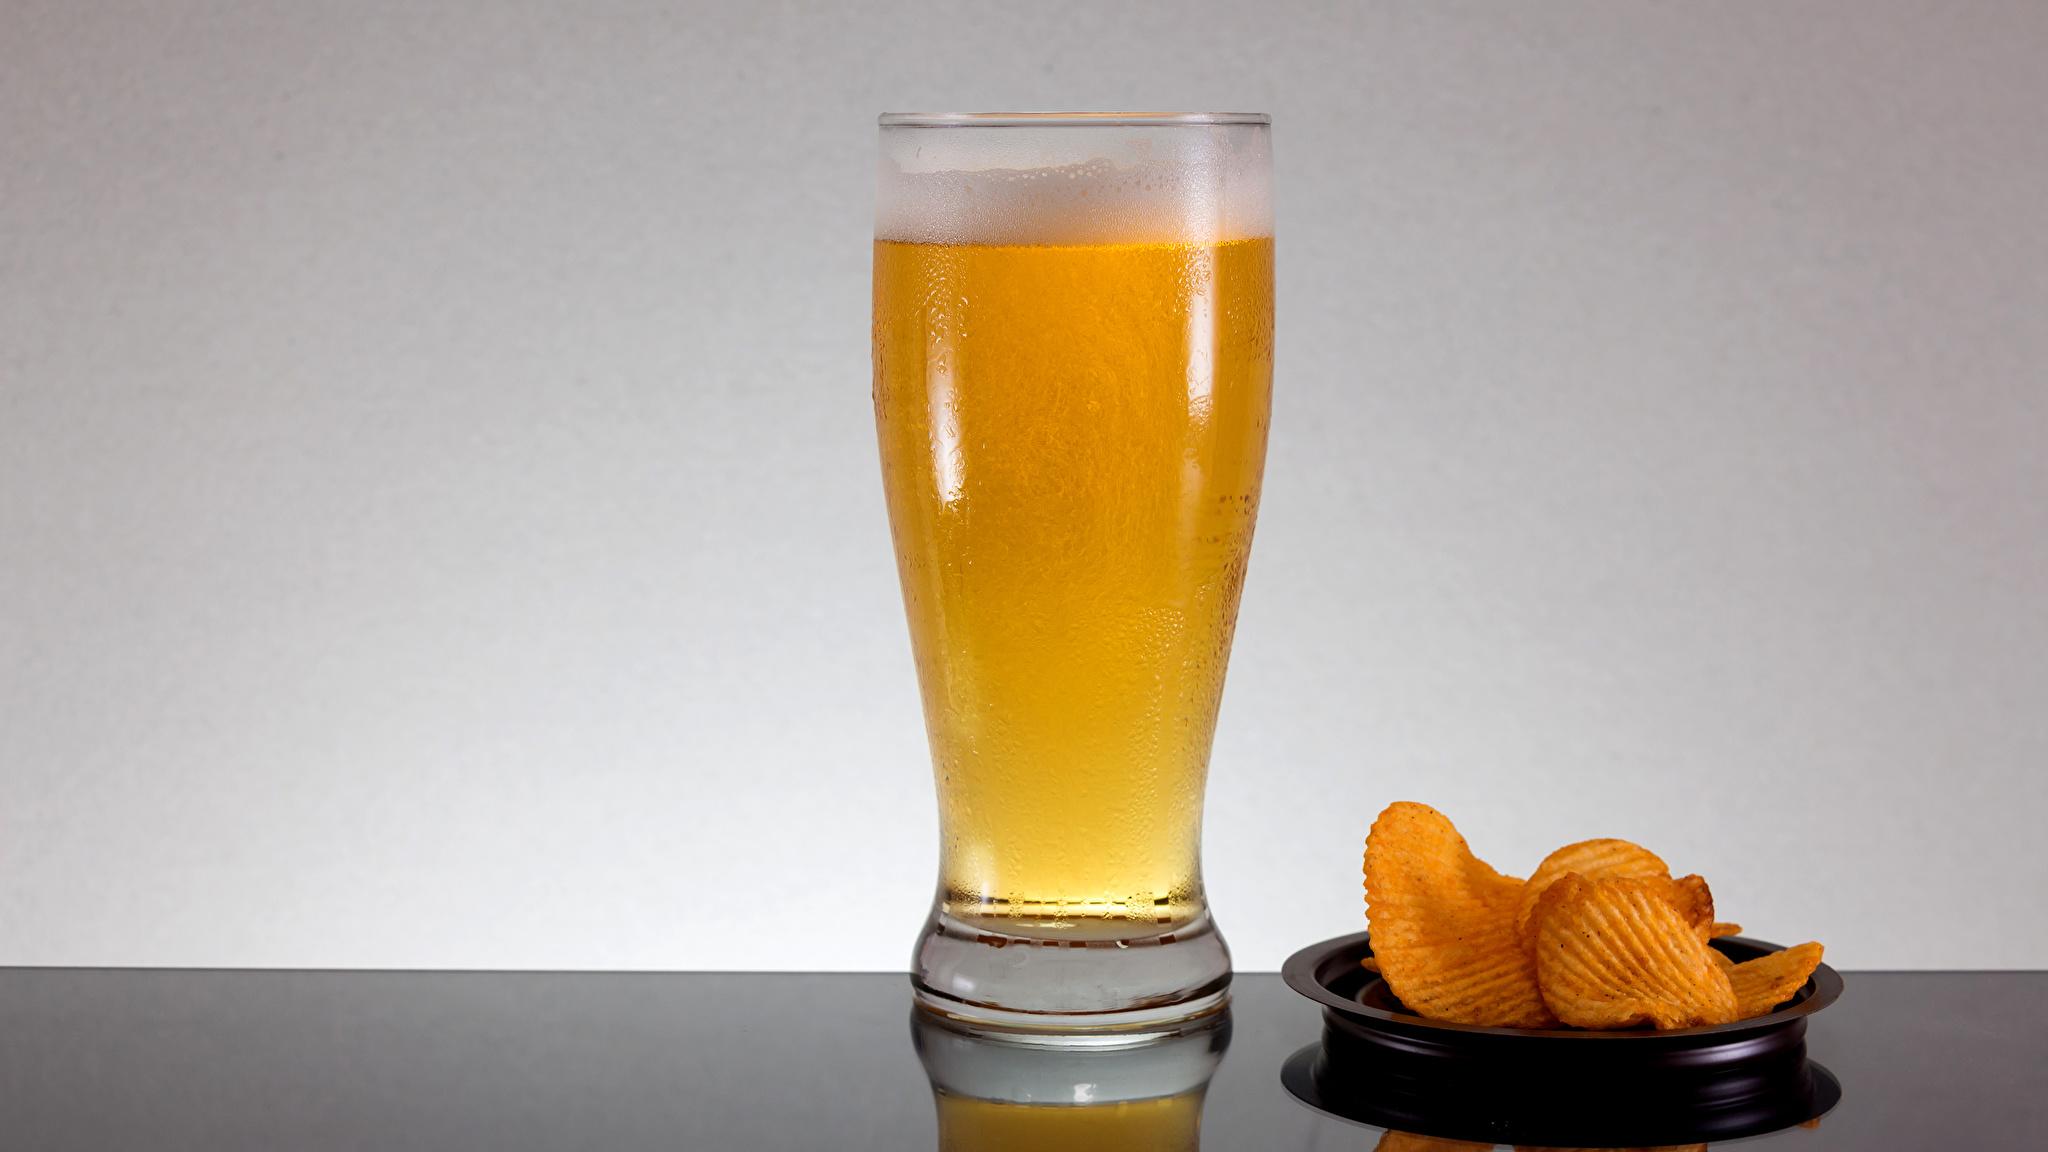 Фотография Пиво Чипсы стакане Еда Пена 2048x1152 Стакан стакана пене Пища пеной Продукты питания